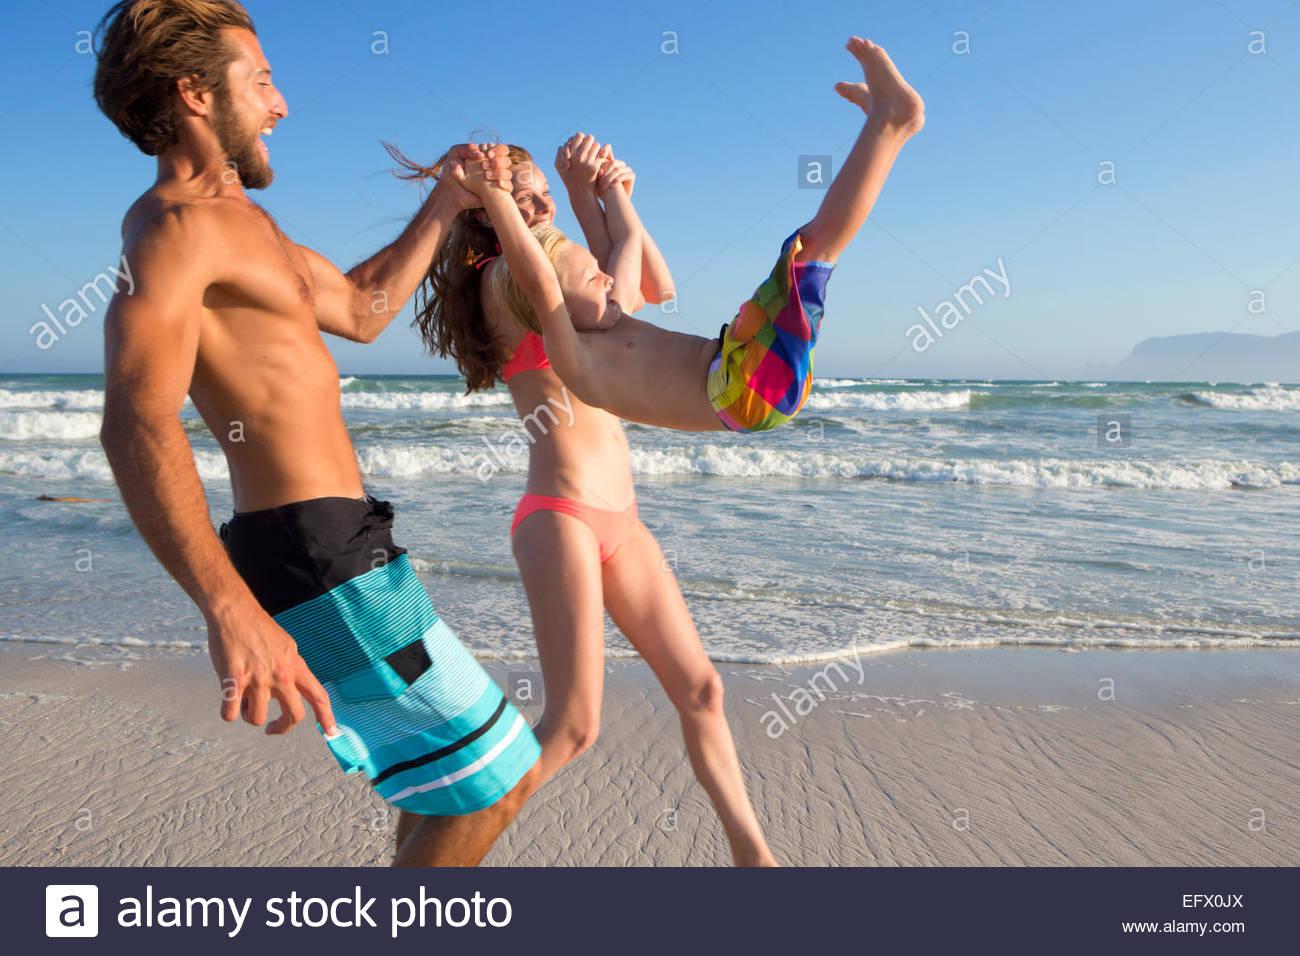 Coppia felice figlio oscillanti in aria di sunny beach Immagini Stock